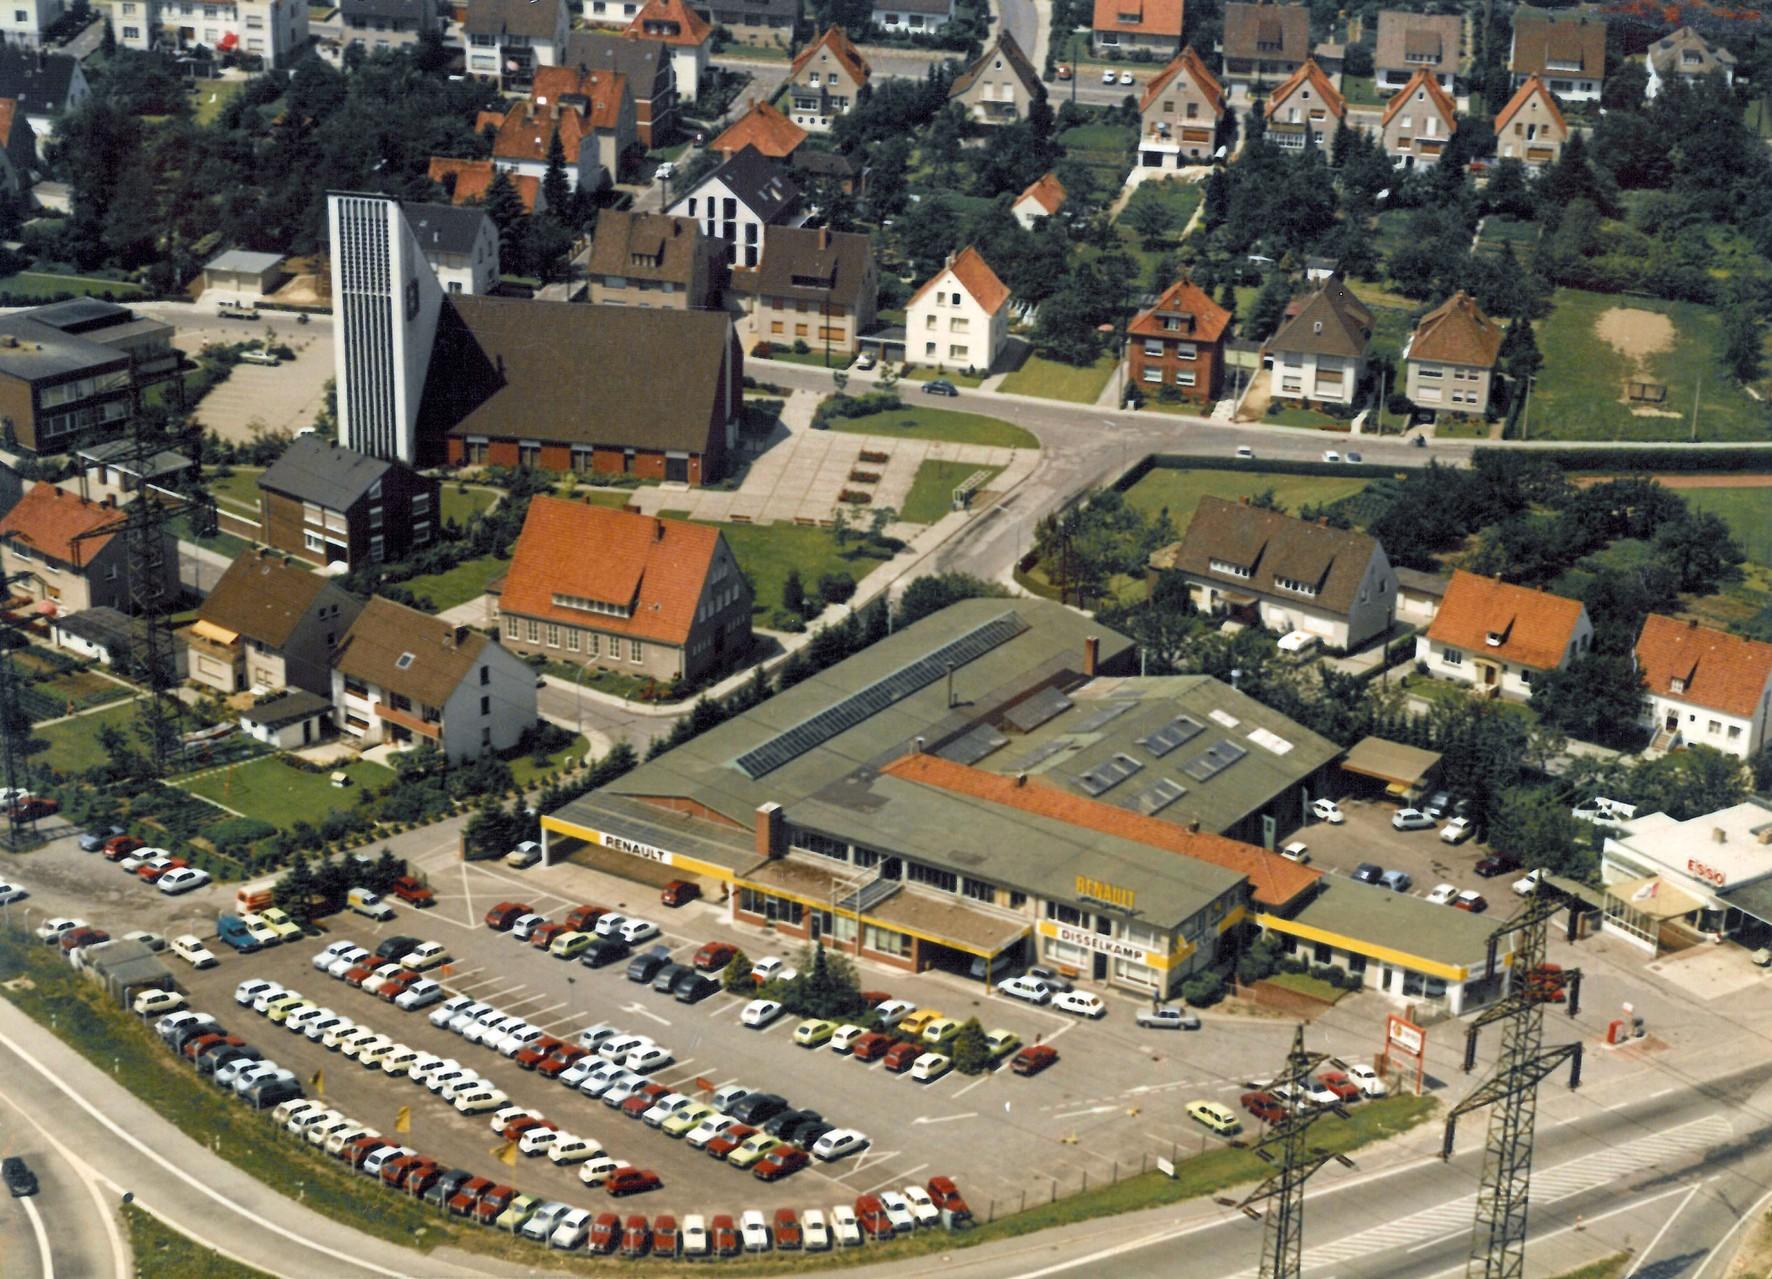 1968-1970 Blick auf die Angarkirche + Dieselkamp Autohaus